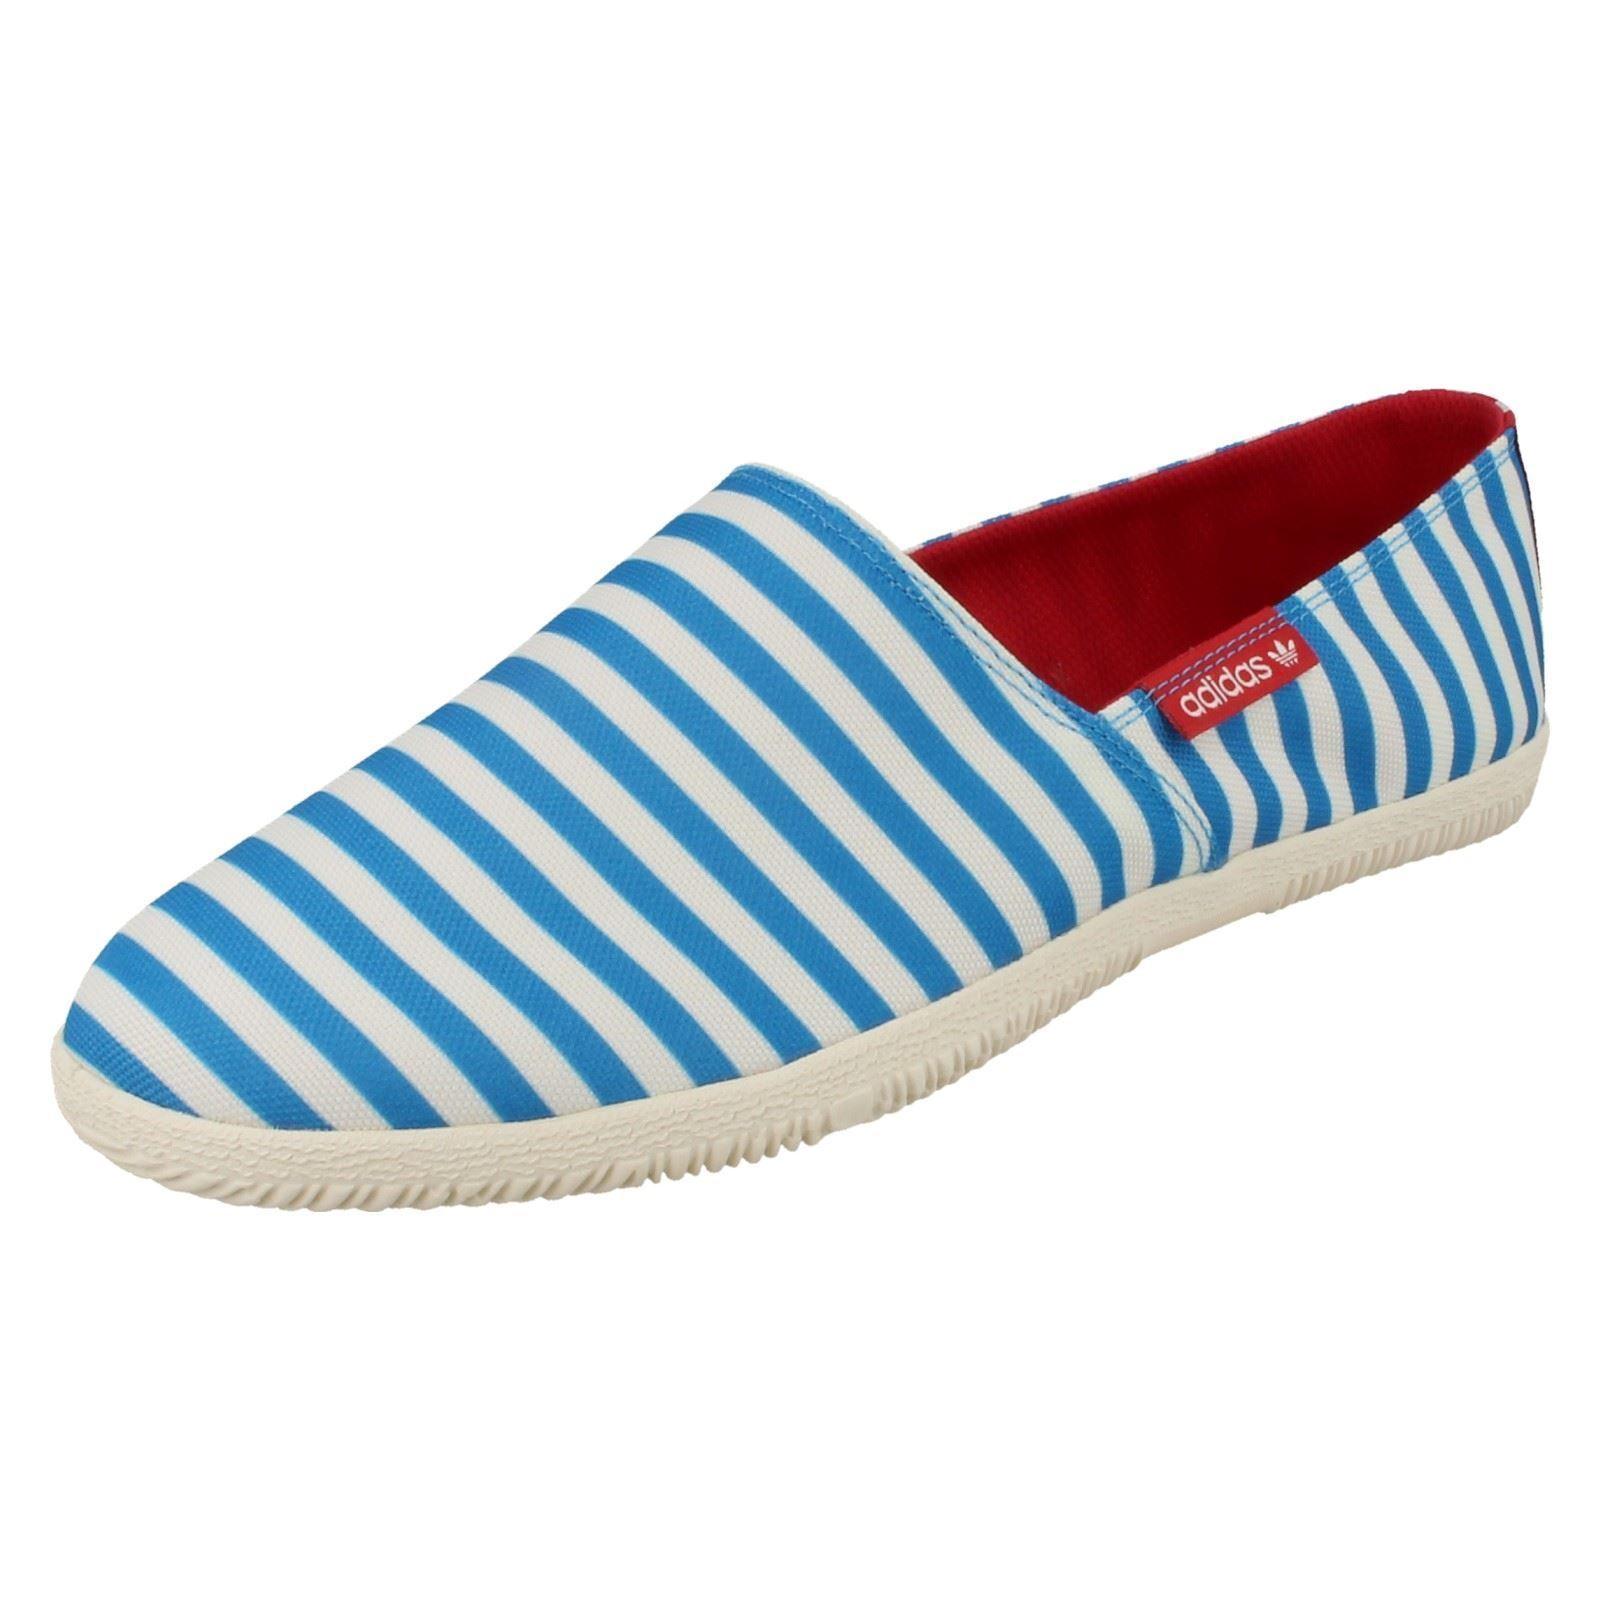 Hombre ADIDAS Zapatos D65185 ADIDRILL D65185 Zapatos 1ba694